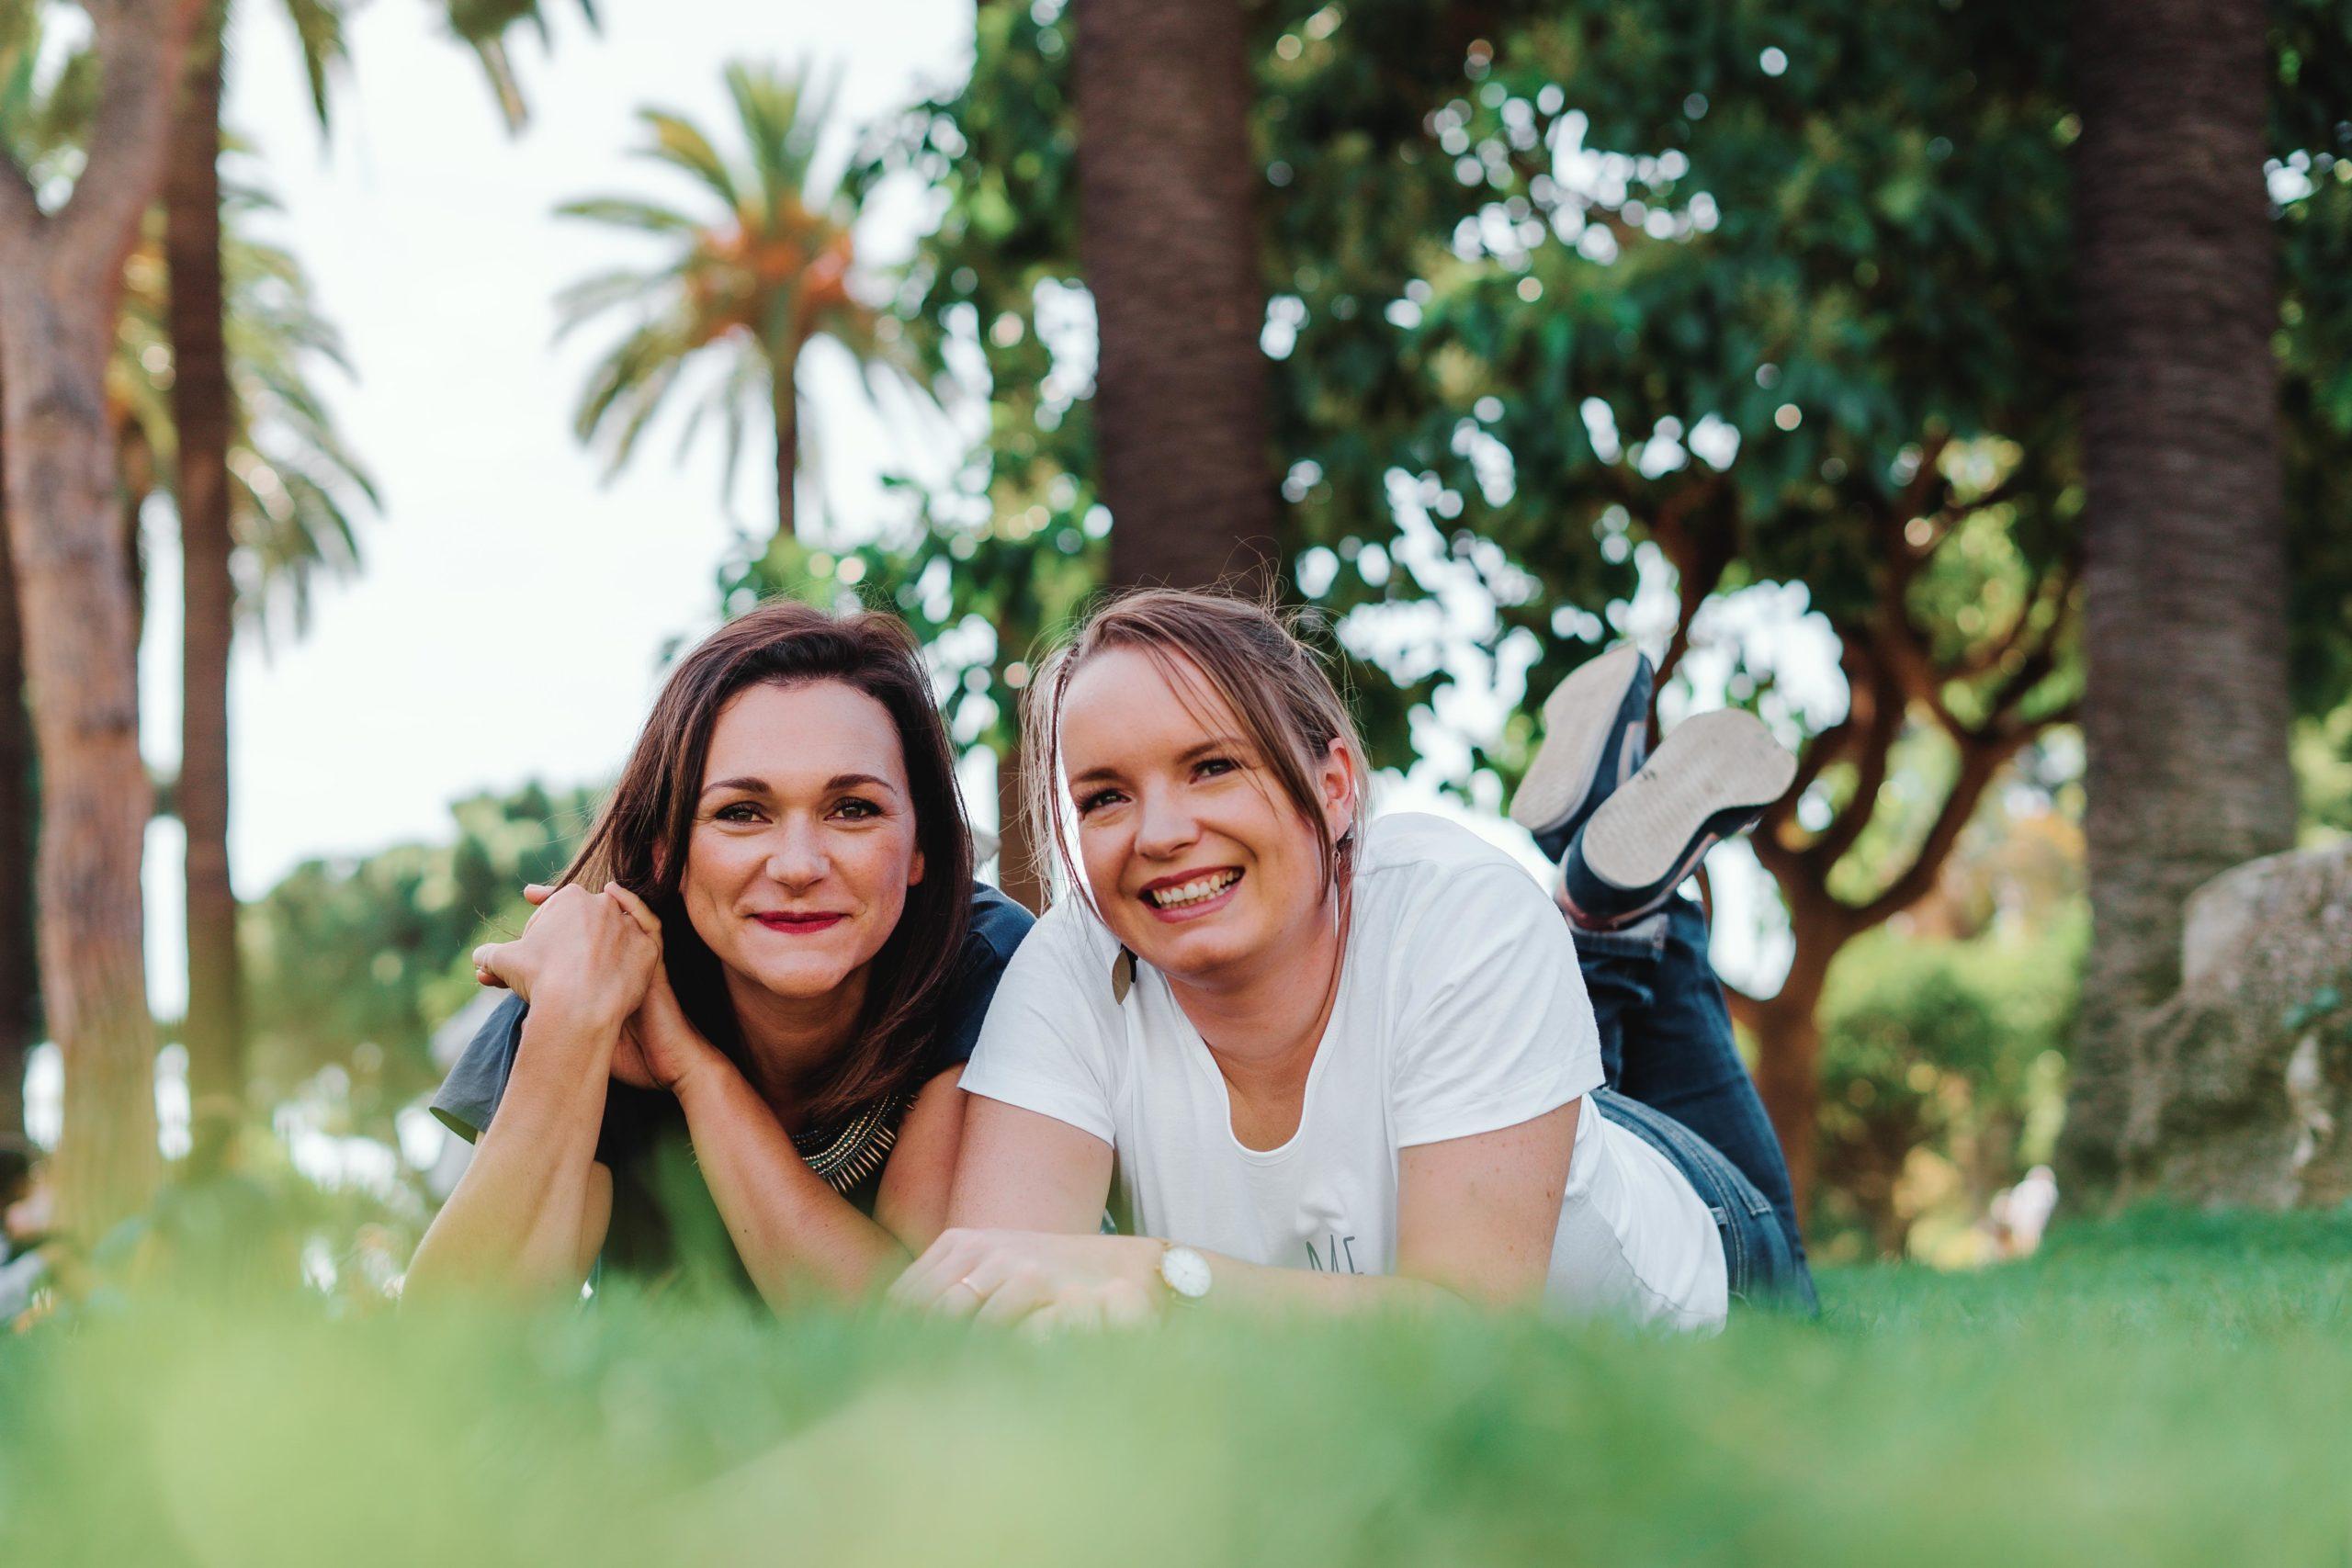 photographie jeunes femmes nature